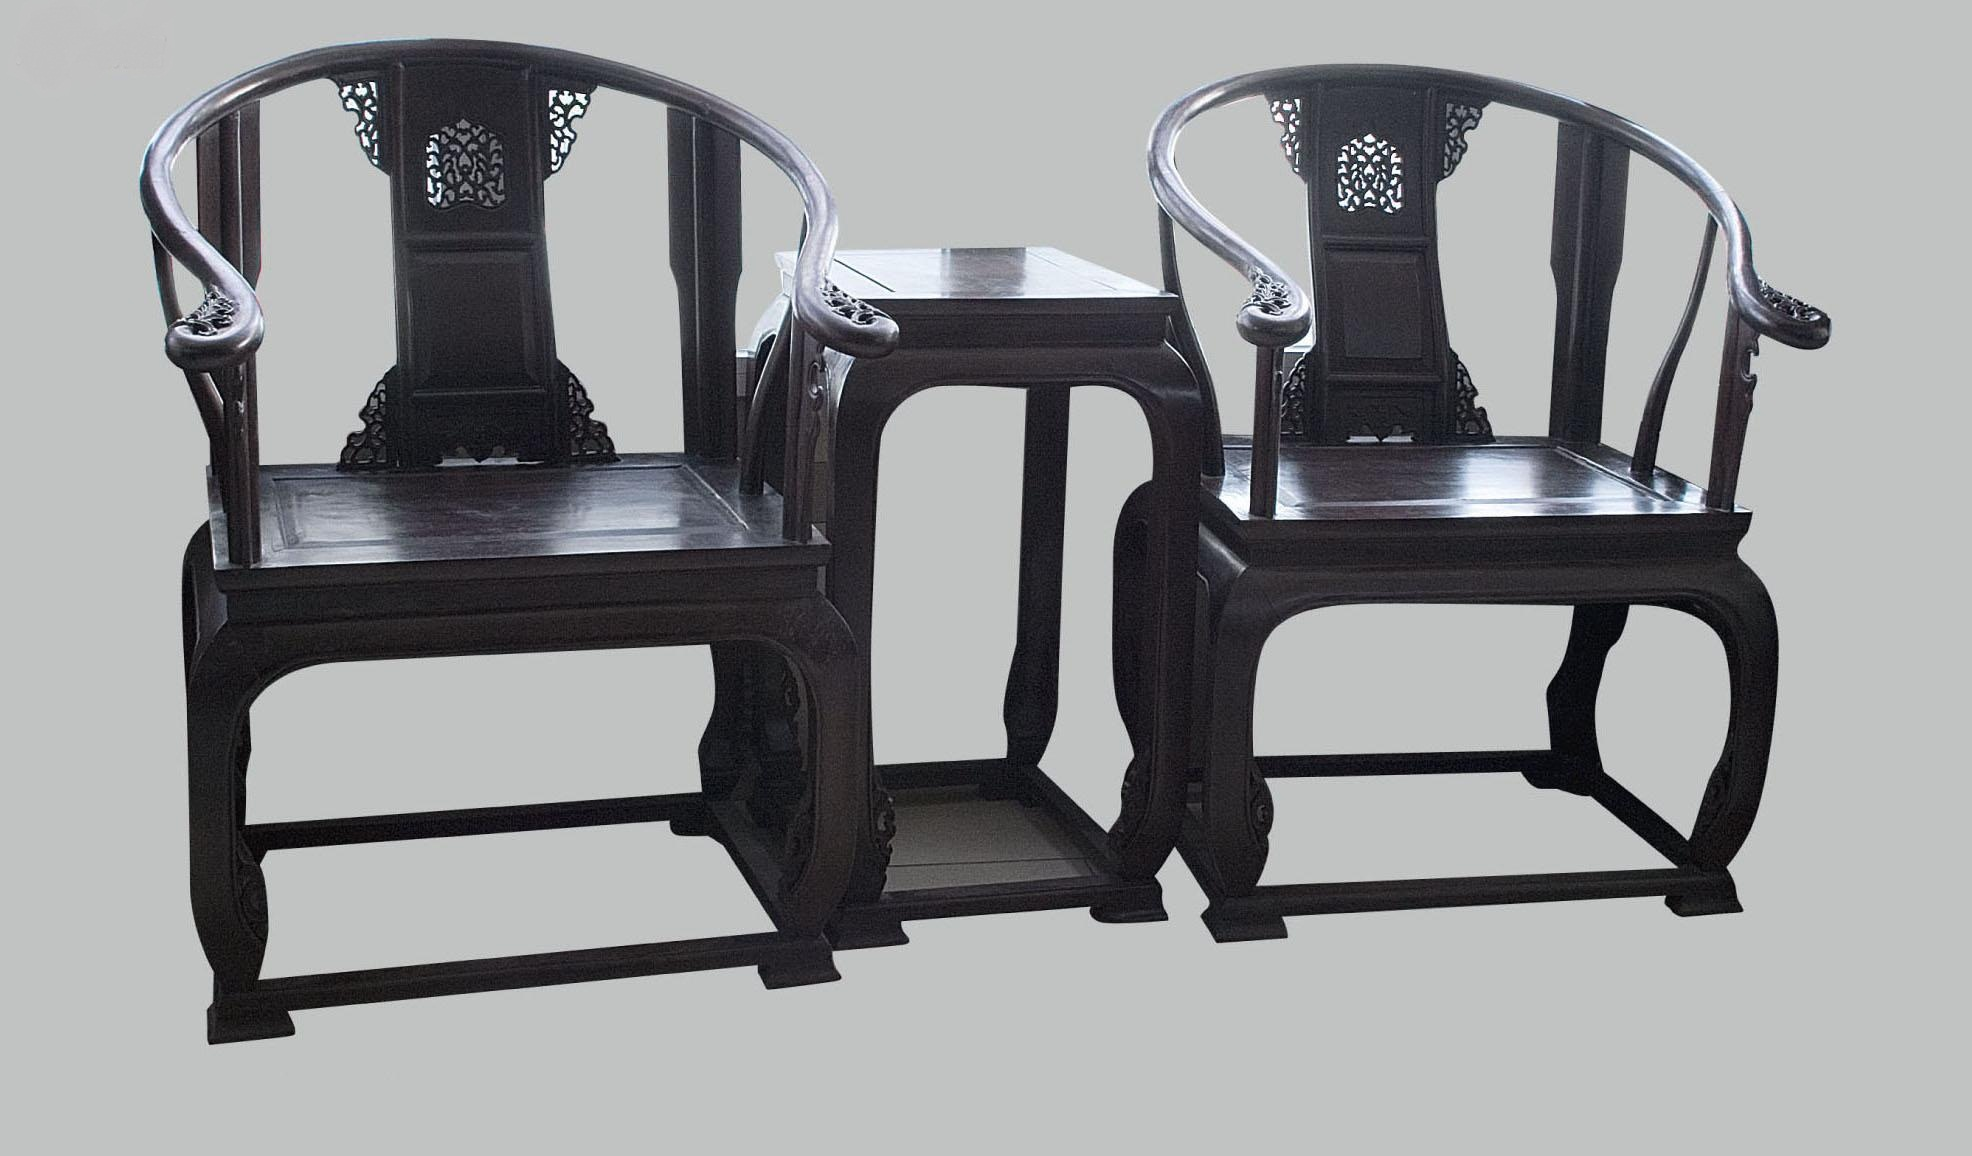 圈椅-嘉和红木家具有限公司